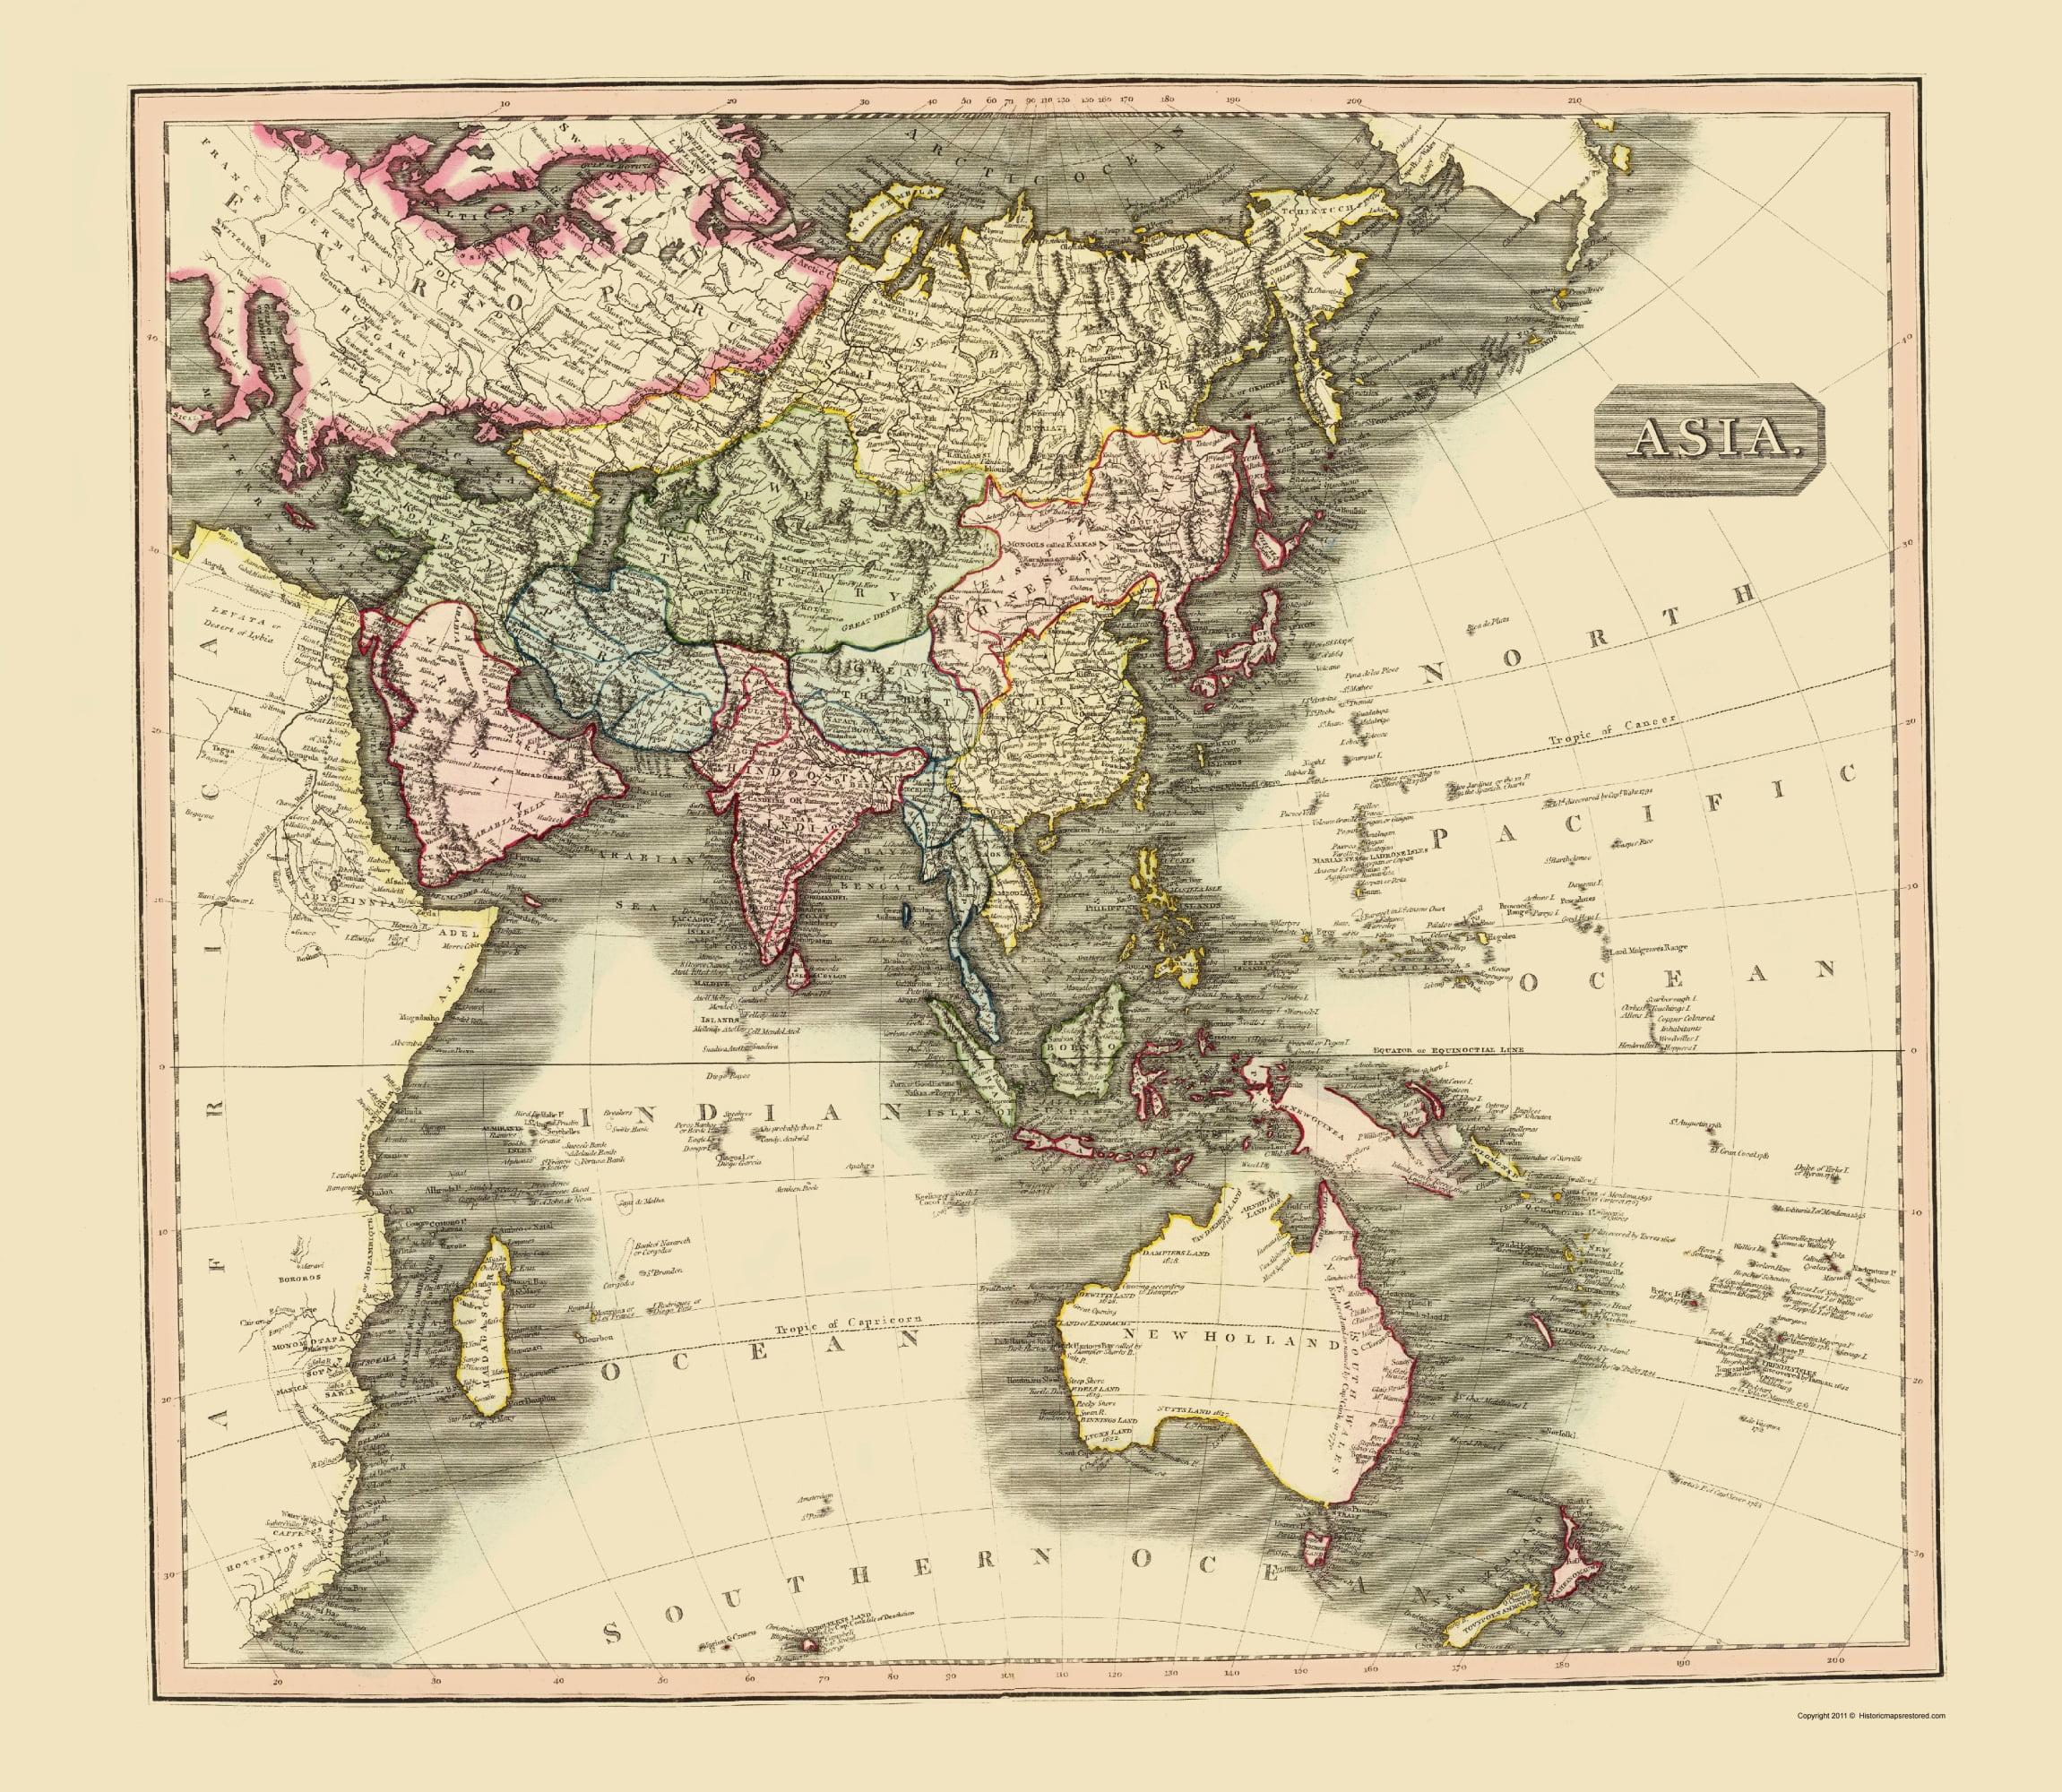 Map Of Asia Australia.Old Asia Map Asia Australia Thomson 1814 23 X 26 47